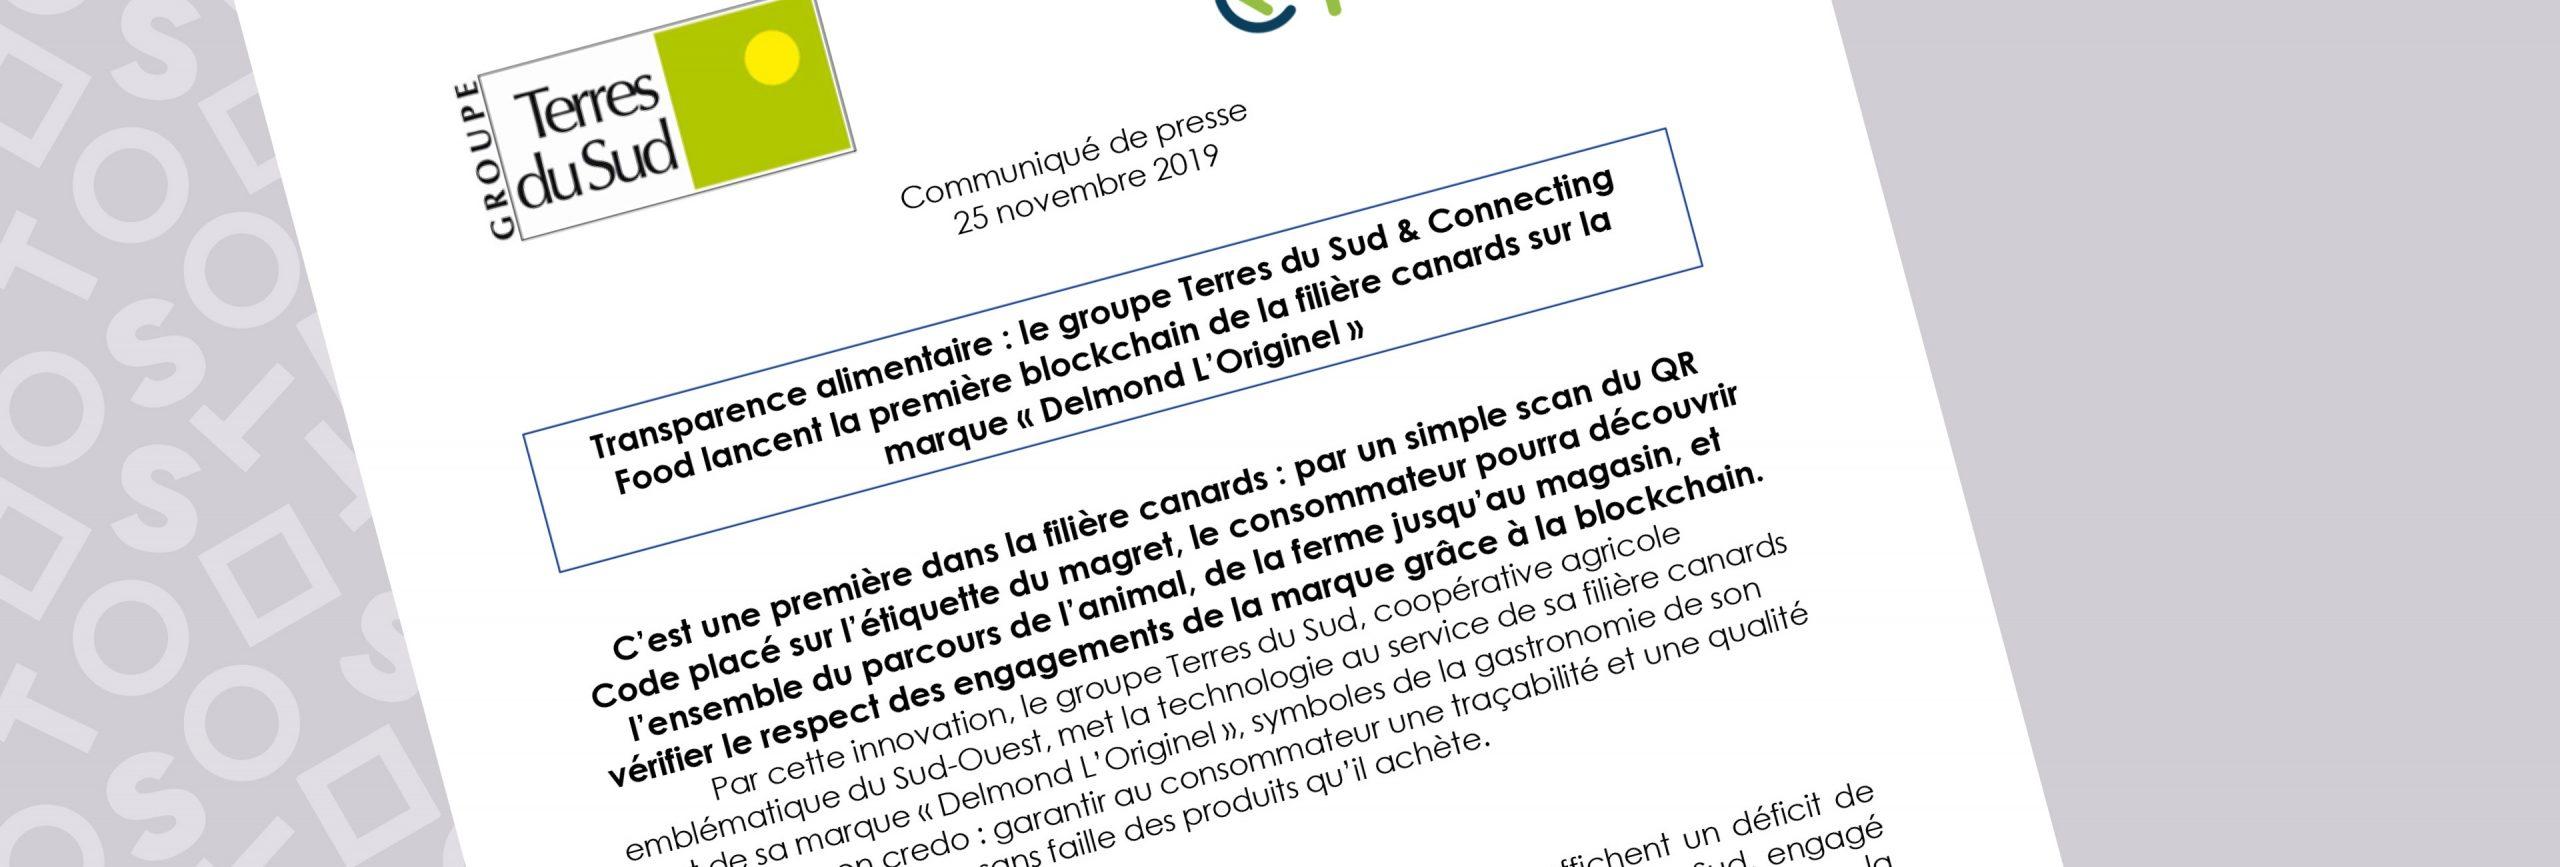 Communiqué de presse groupe terres du sud, lancement de la blockchain canards sur delmond foie gras